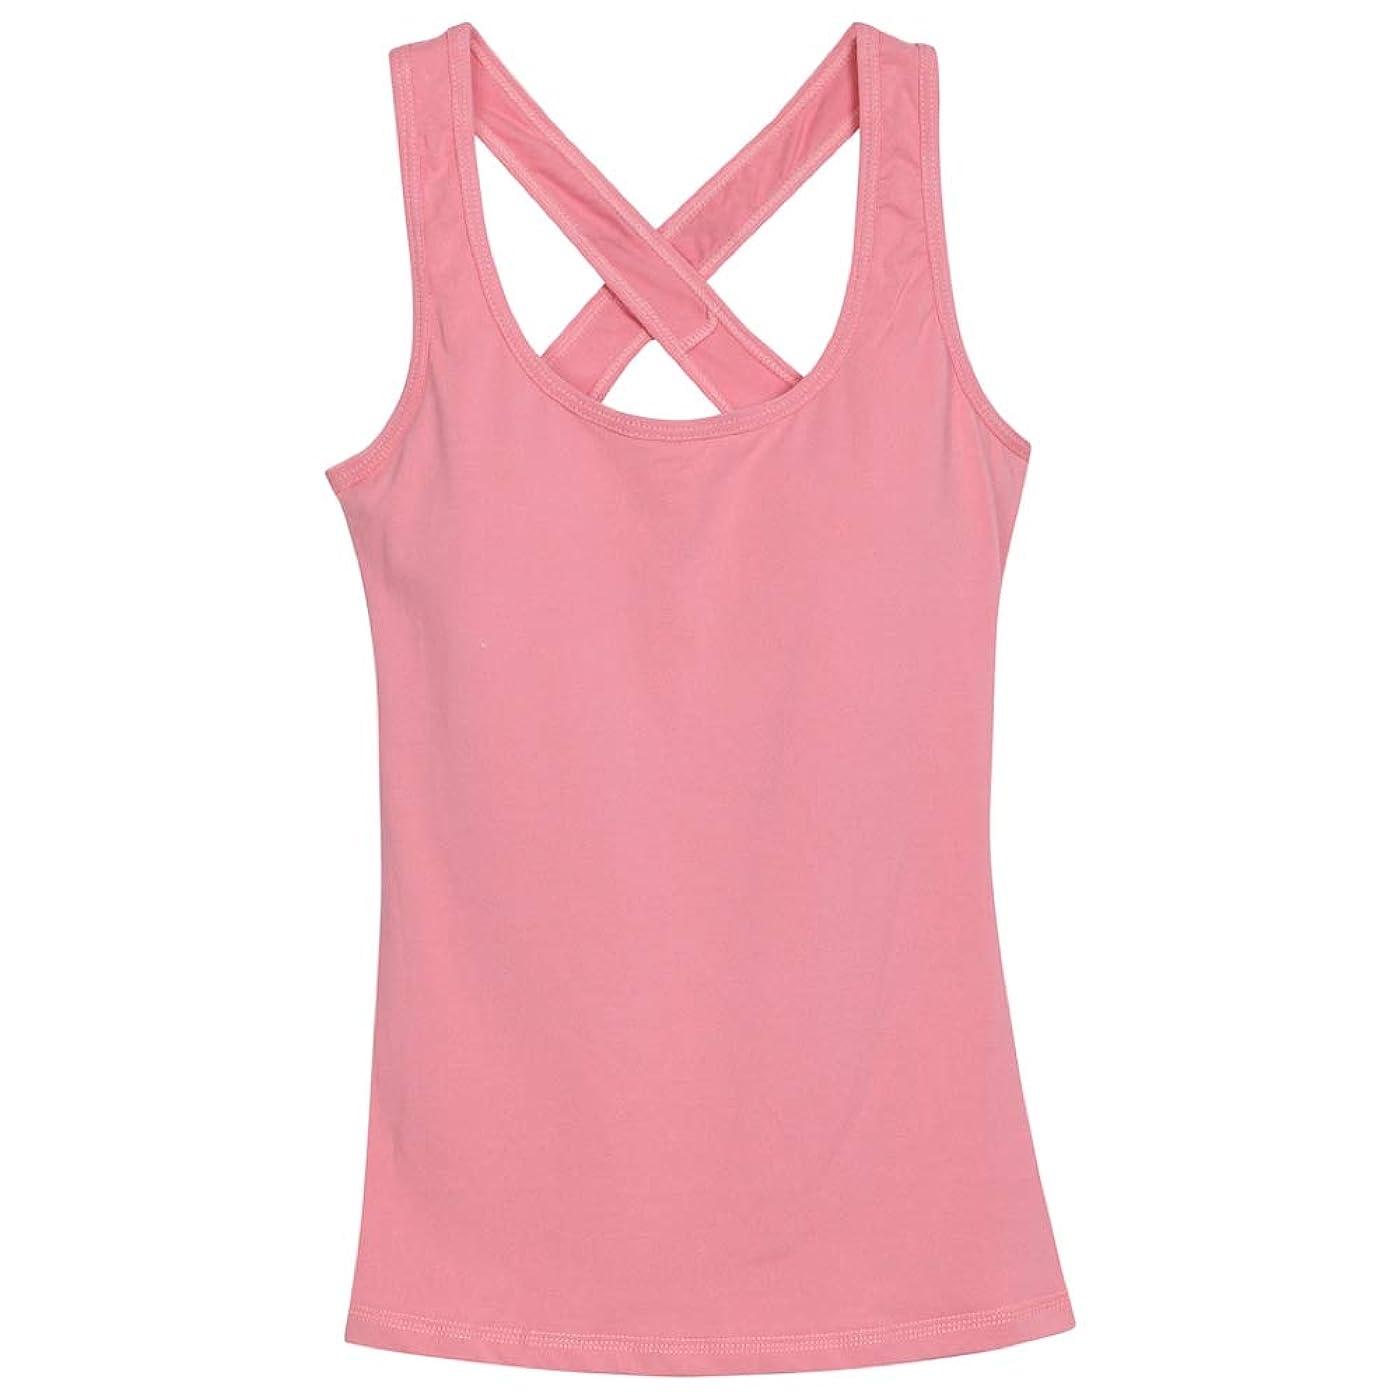 つかむ衝撃助言ヨガウェア ヨガシャツ タンクトップ レディース トレーニング フィットネス ランニングシャツ